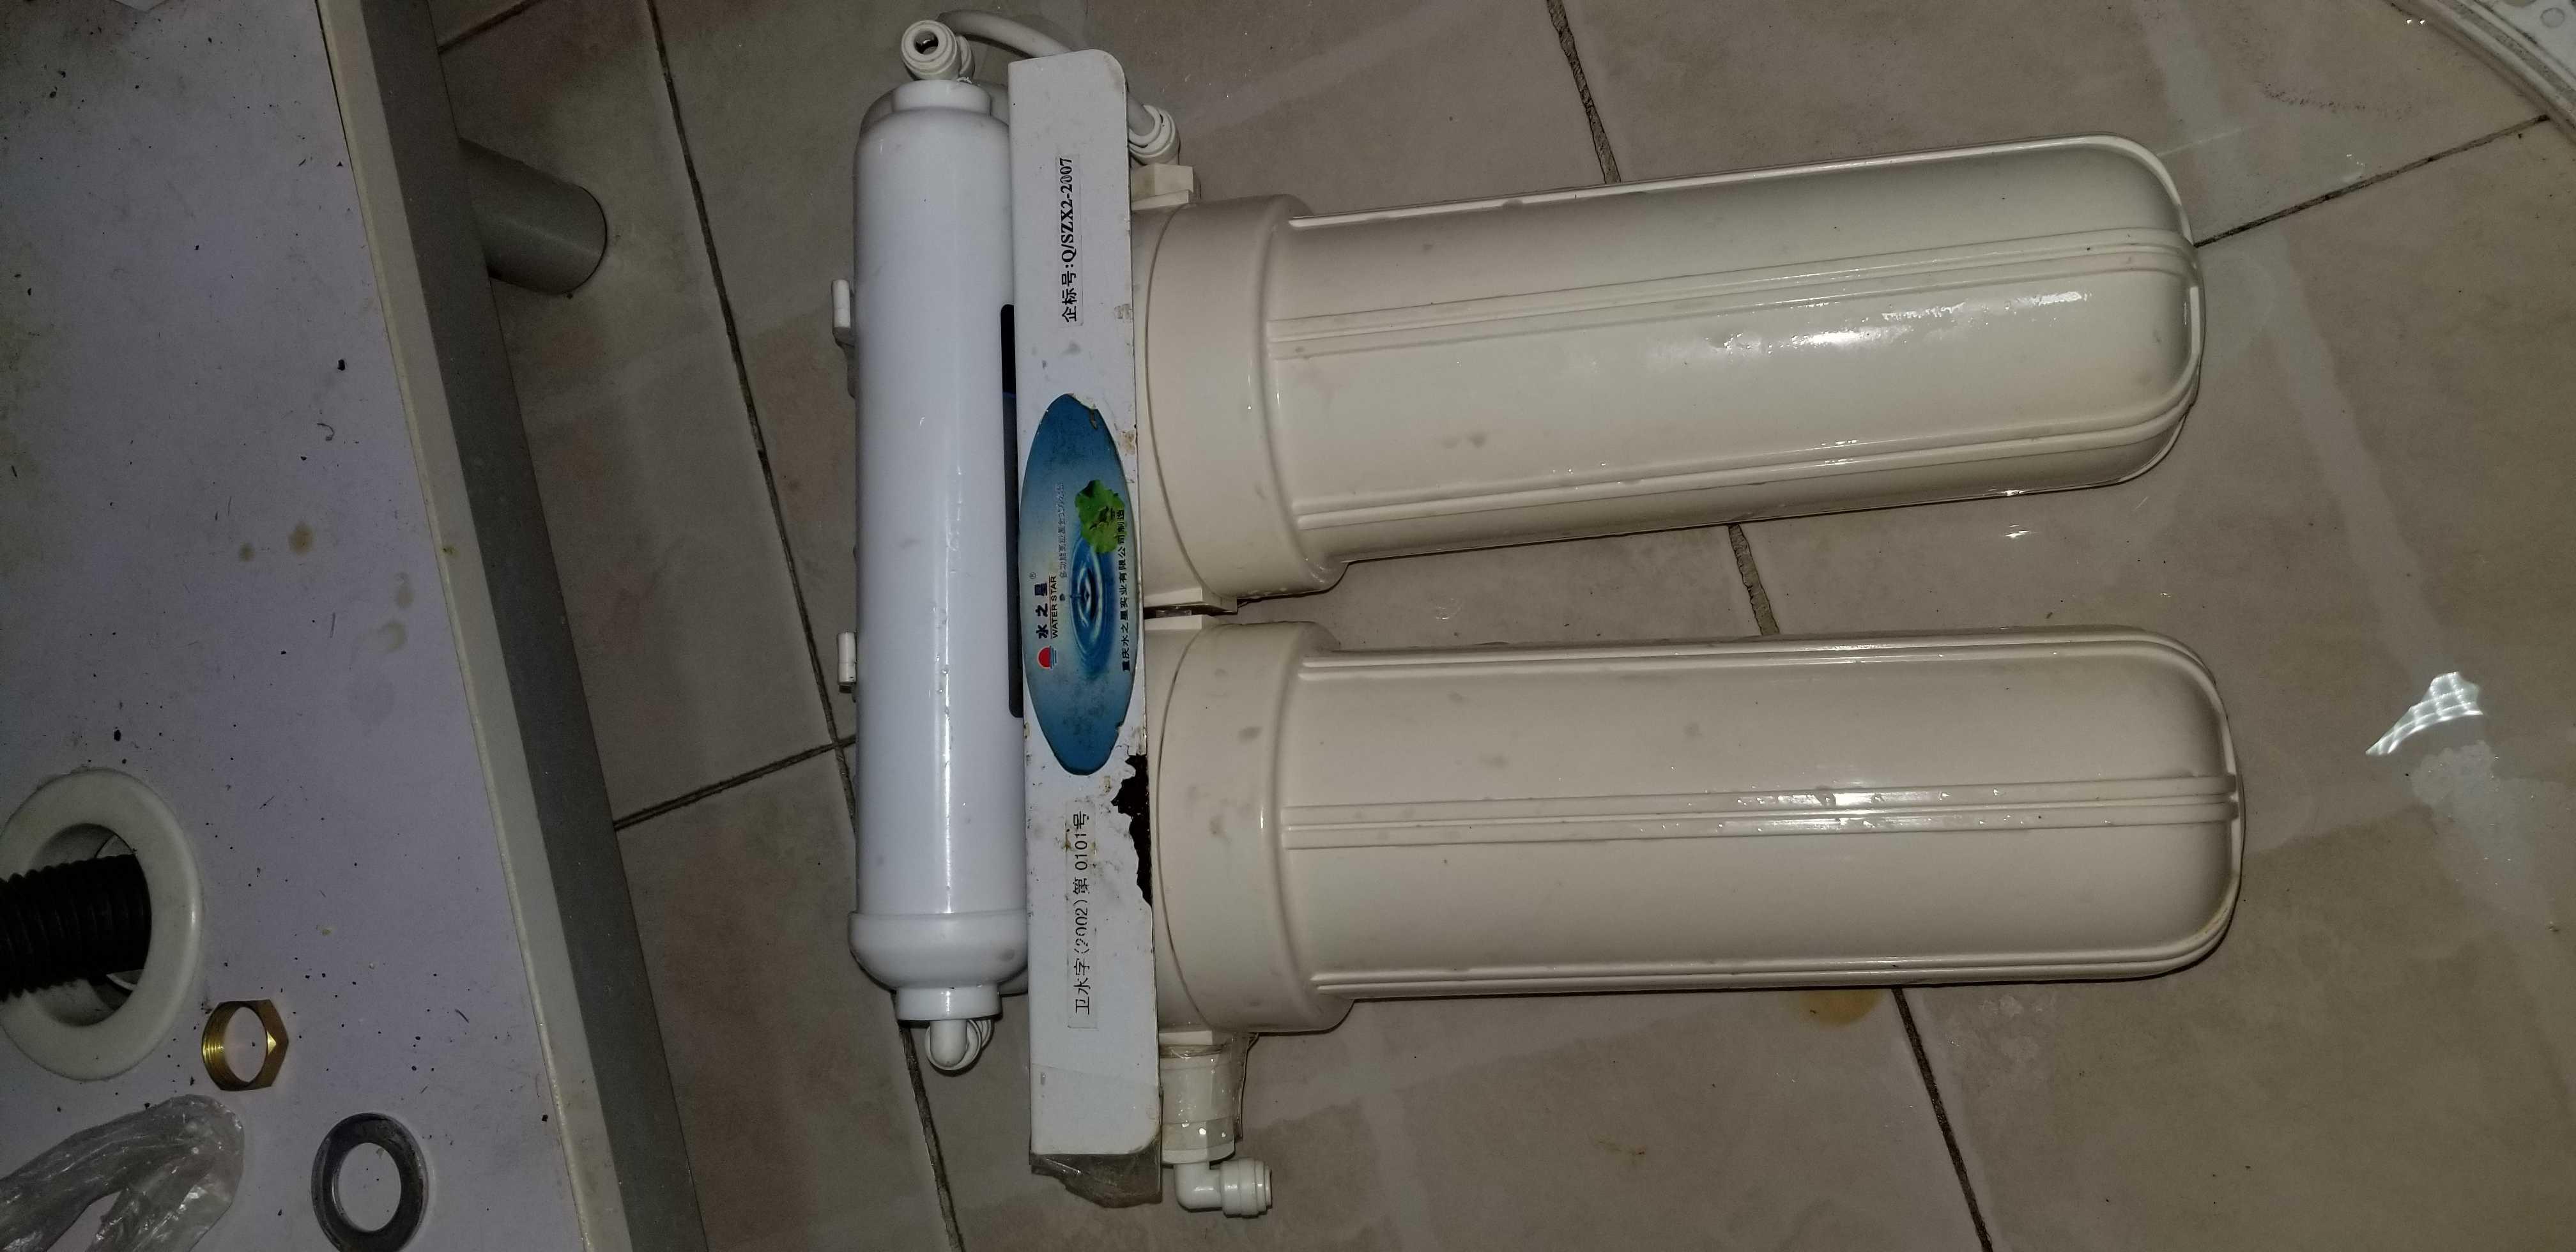 重庆渝北鲁能星城水之星净水器售后维修实例-龙头漏水以及更换滤芯  重庆净水售后 第2张